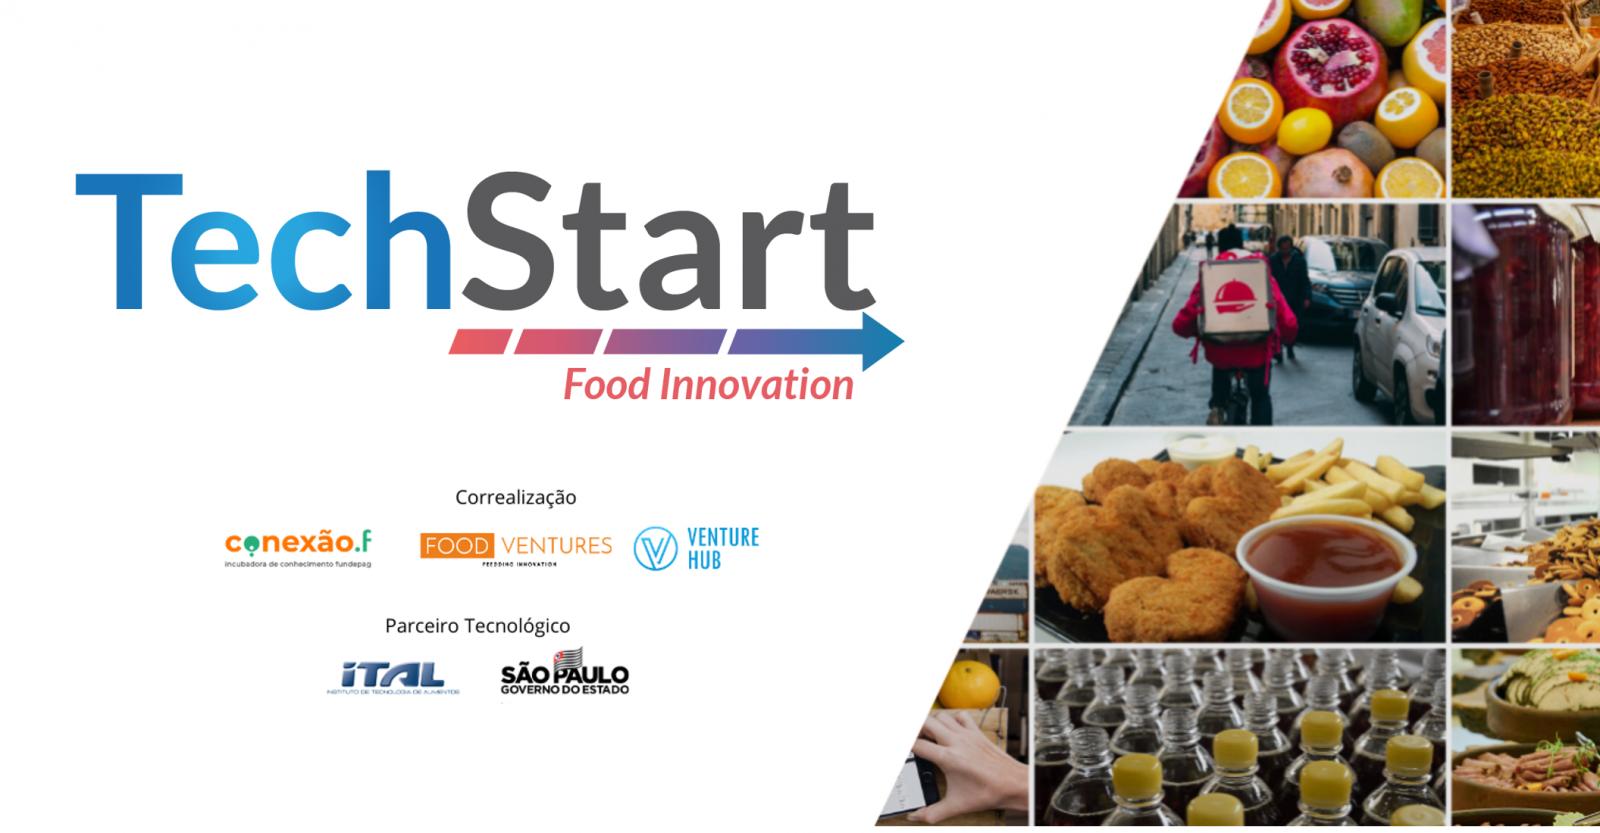 Imagem: Lançamento TechStart Food Innovation